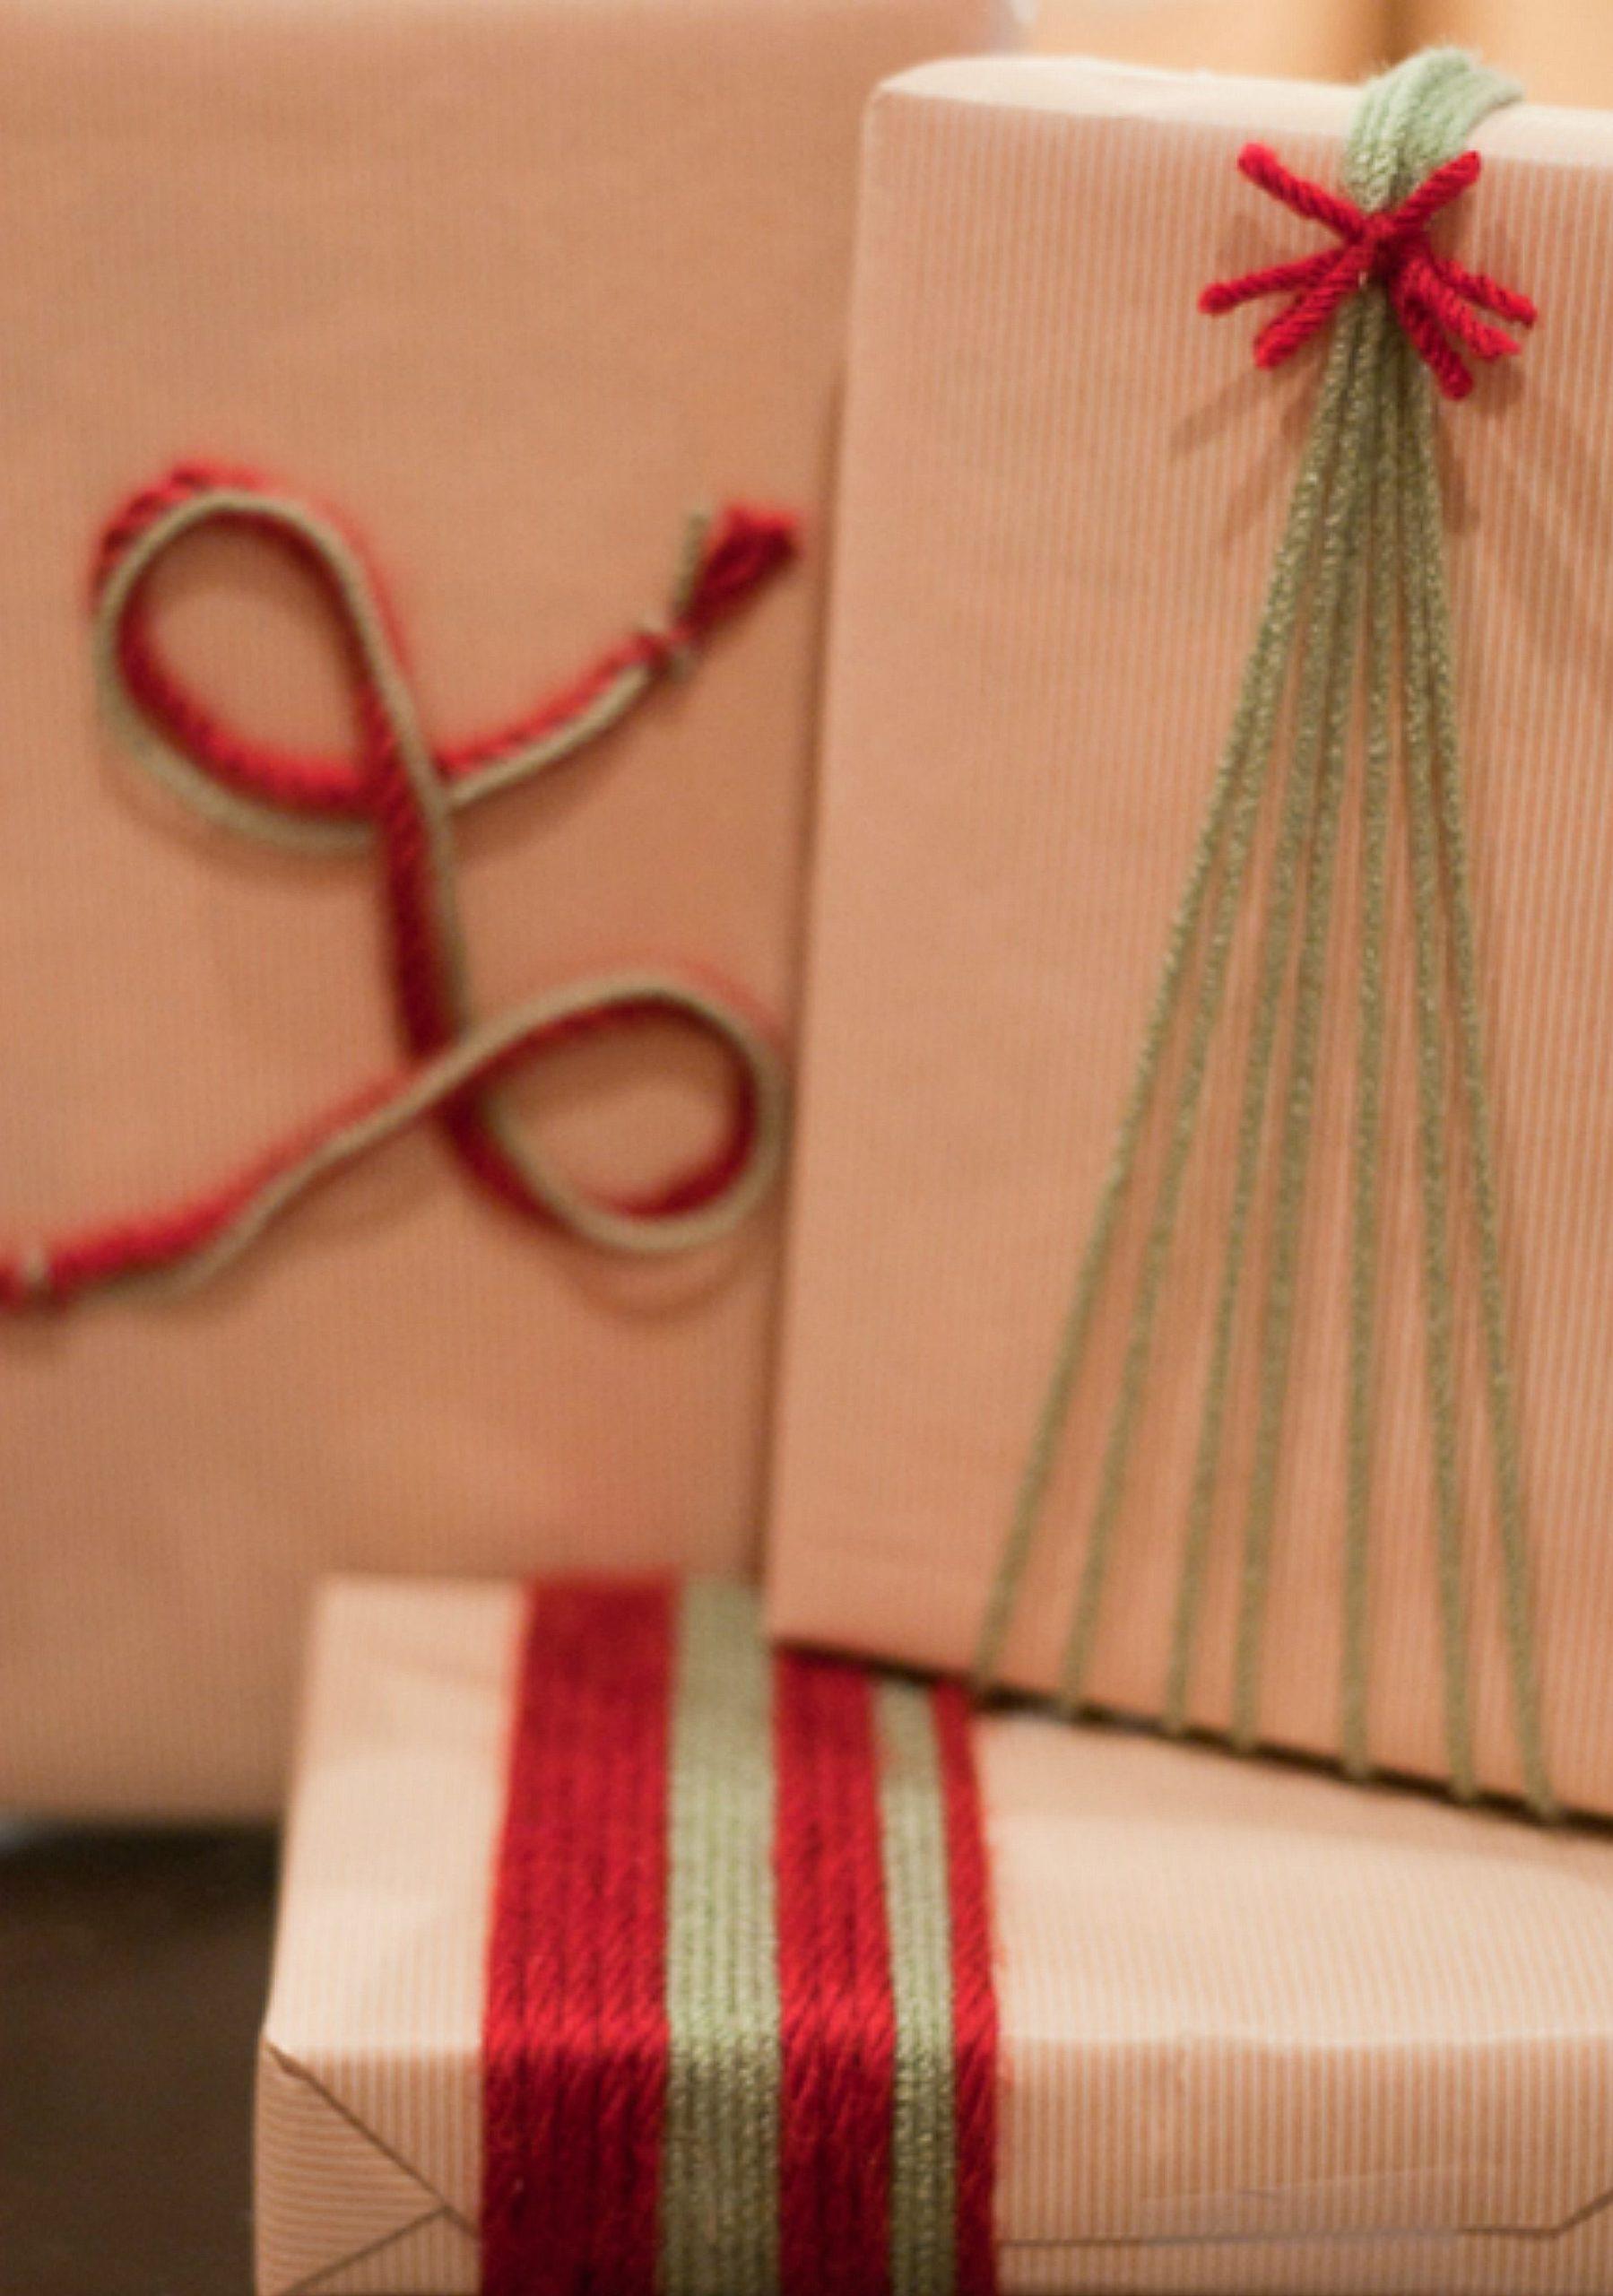 Voici comment faire un paquet cadeau original avec du fil en laine.